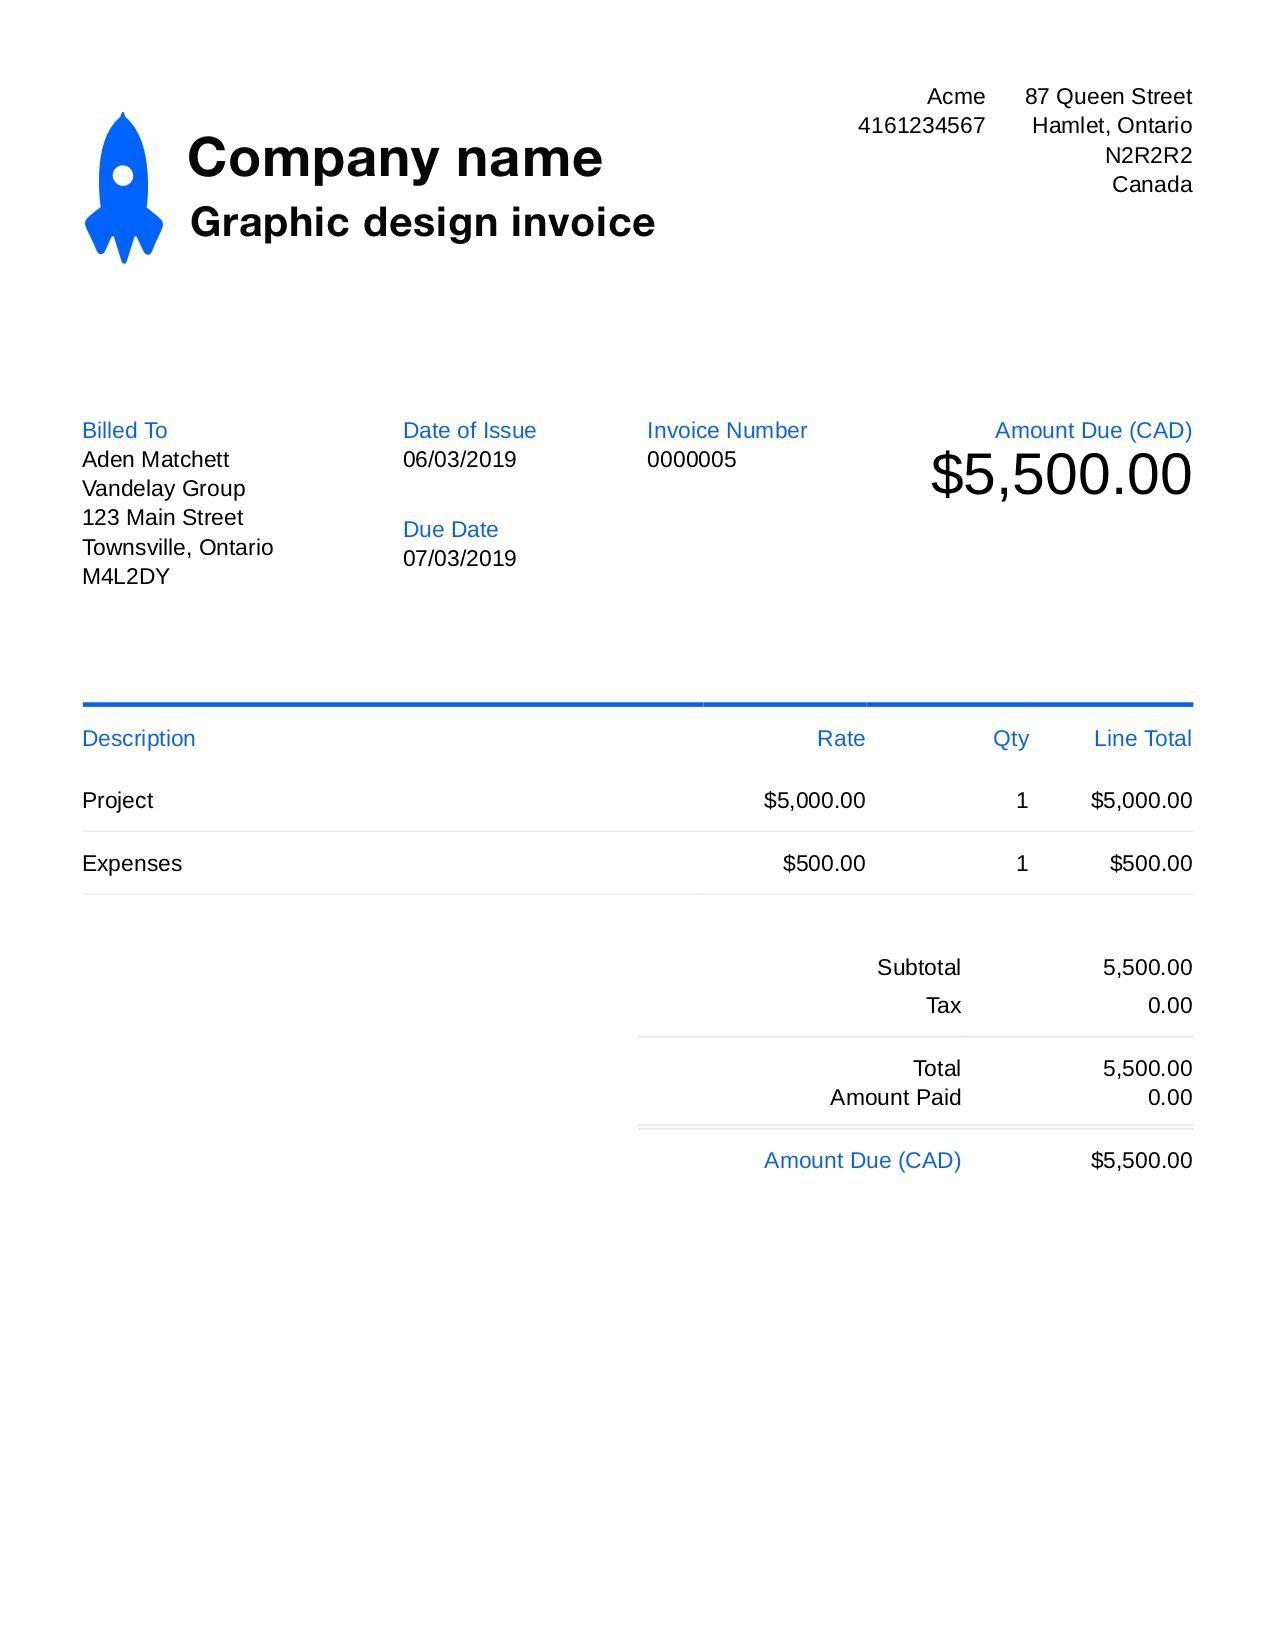 Die Amusante Grafikdesign Rechnungsvorlage Anpassen Und Einschicken 90 In Bezug Auf Amus Invoice Template Word Invoice Template Freelance Invoice Template